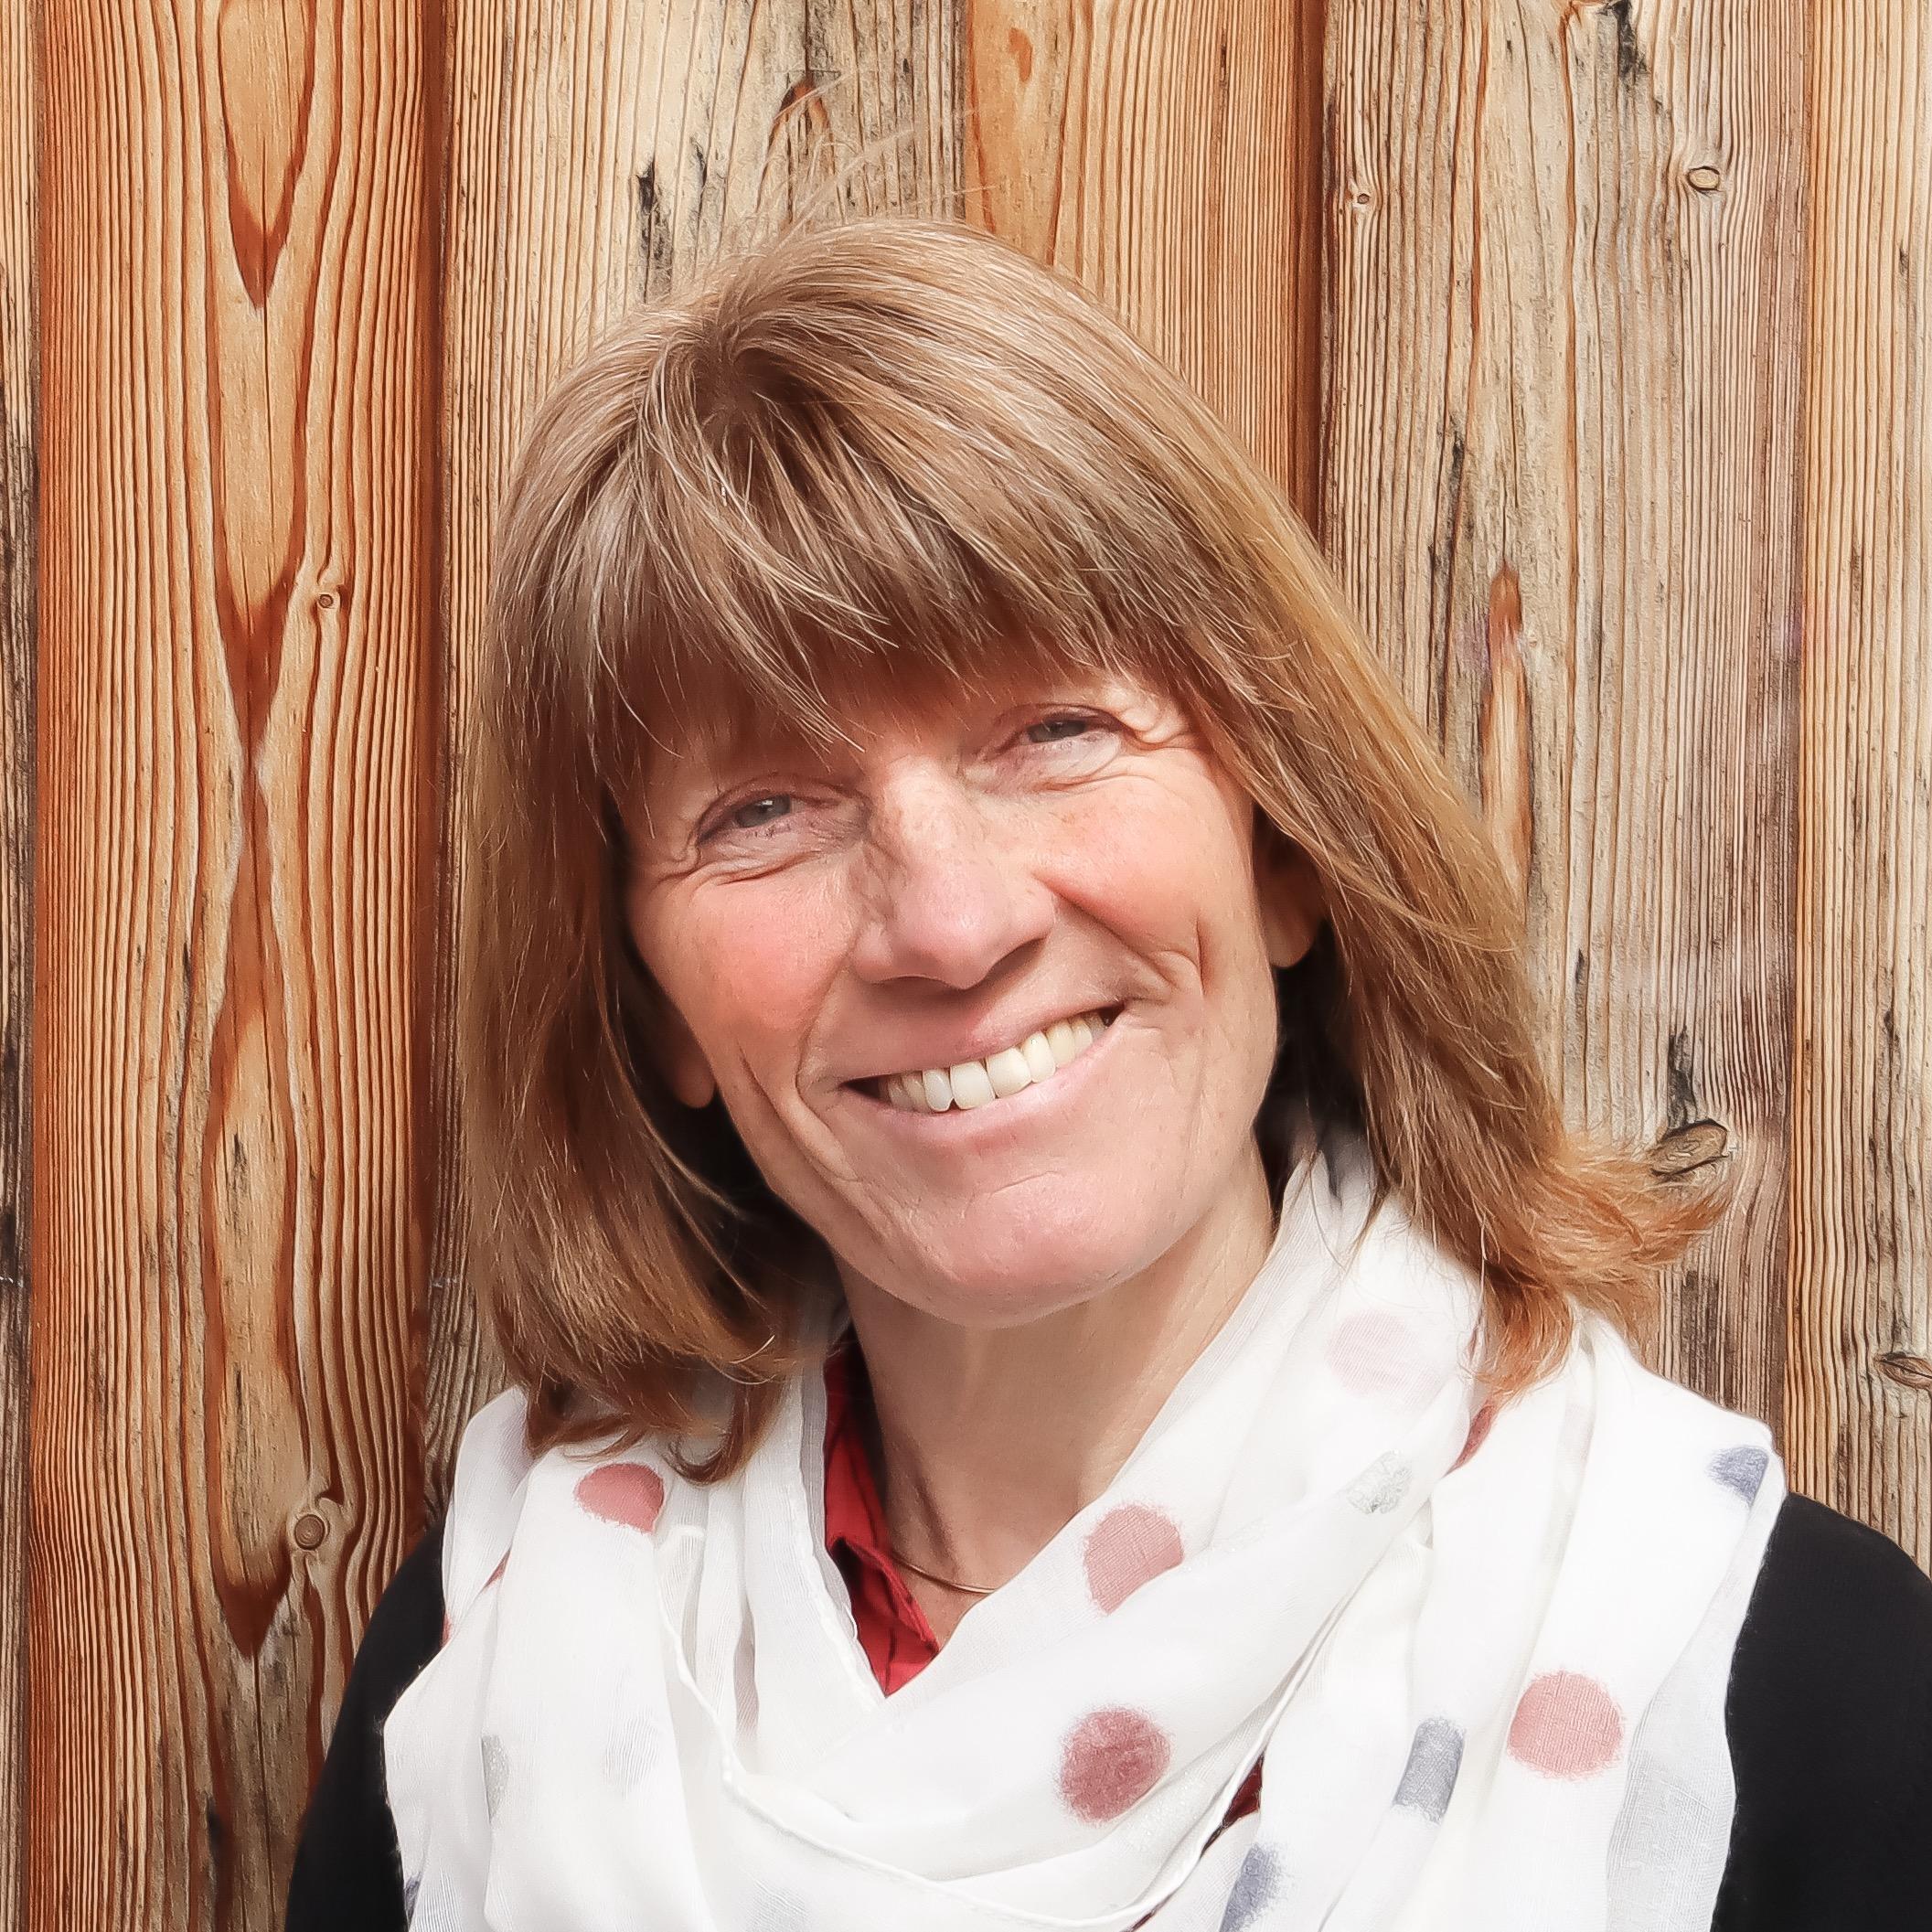 Caroline Kitschen